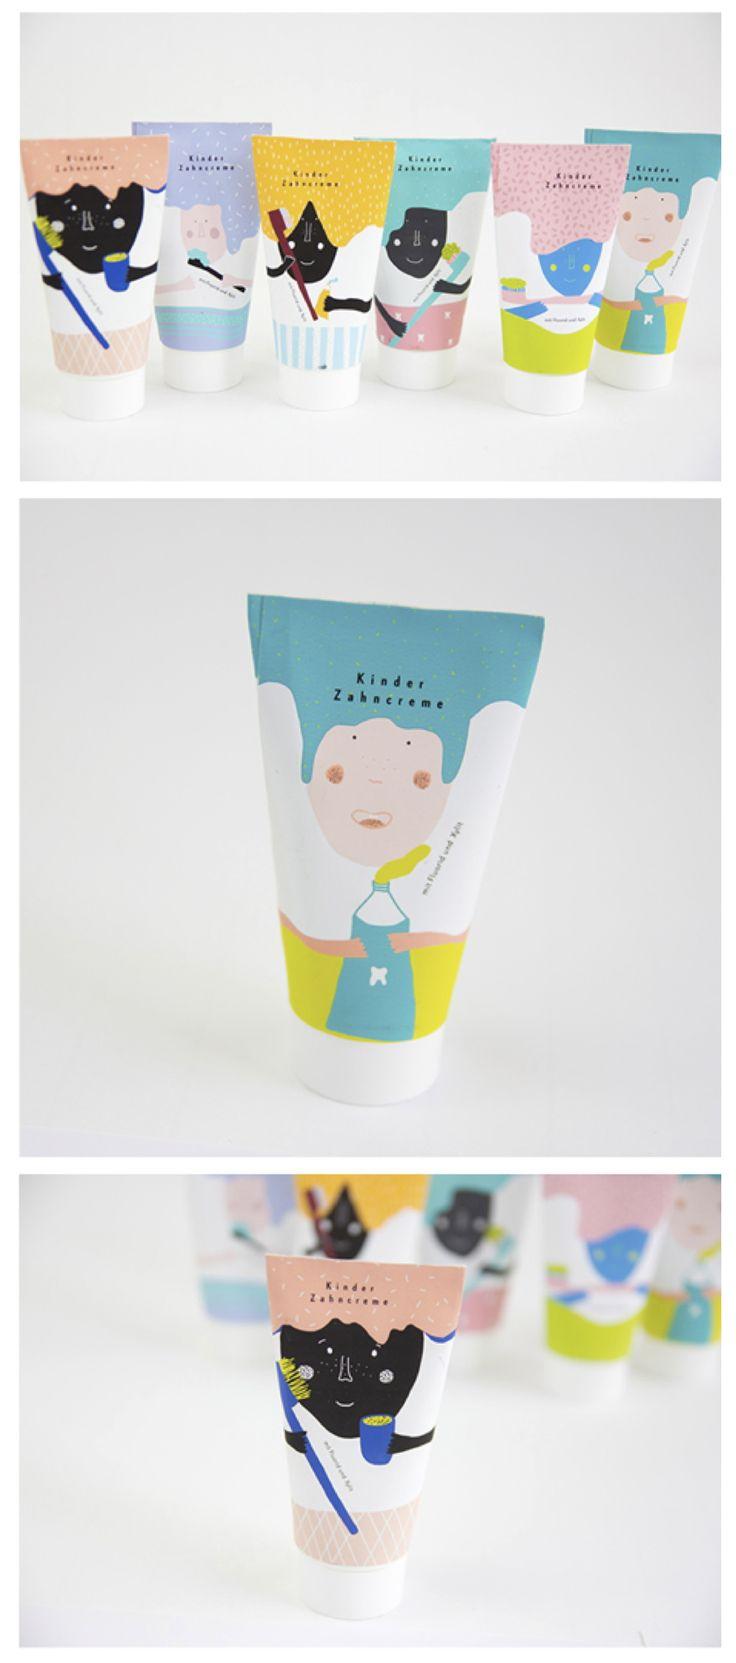 """Playfull Toothpaste for children with """"magic"""" tube! Förpackad -Sveriges största förpackningsblogg Förpackningsdesign, Förpackningar, Grafisk Design - CAP&Design - Nordens största tidning för kreativa formgivare"""